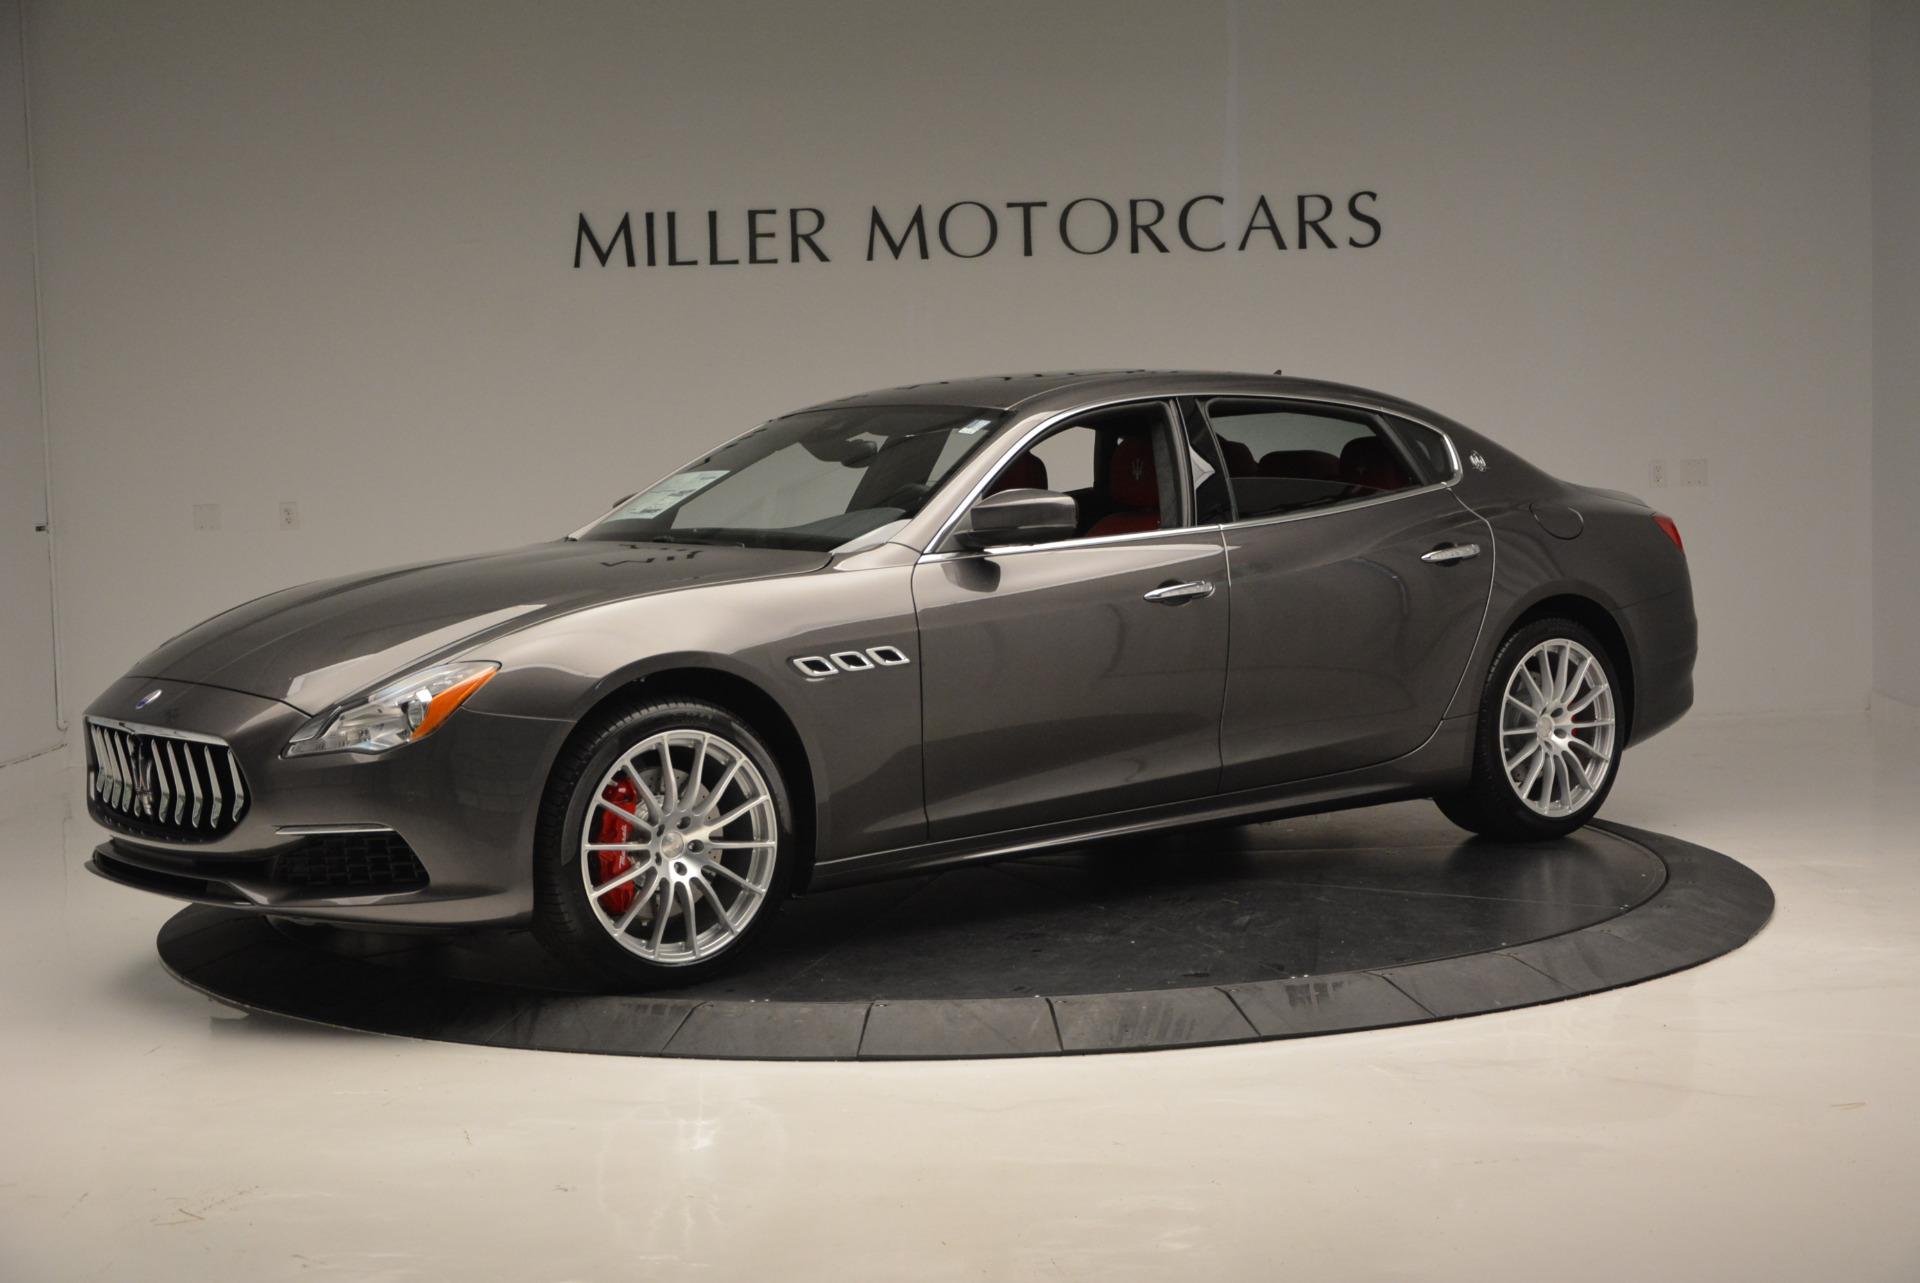 New 2017 Maserati Quattroporte S Q4 GranLusso For Sale In Westport, CT 585_p2